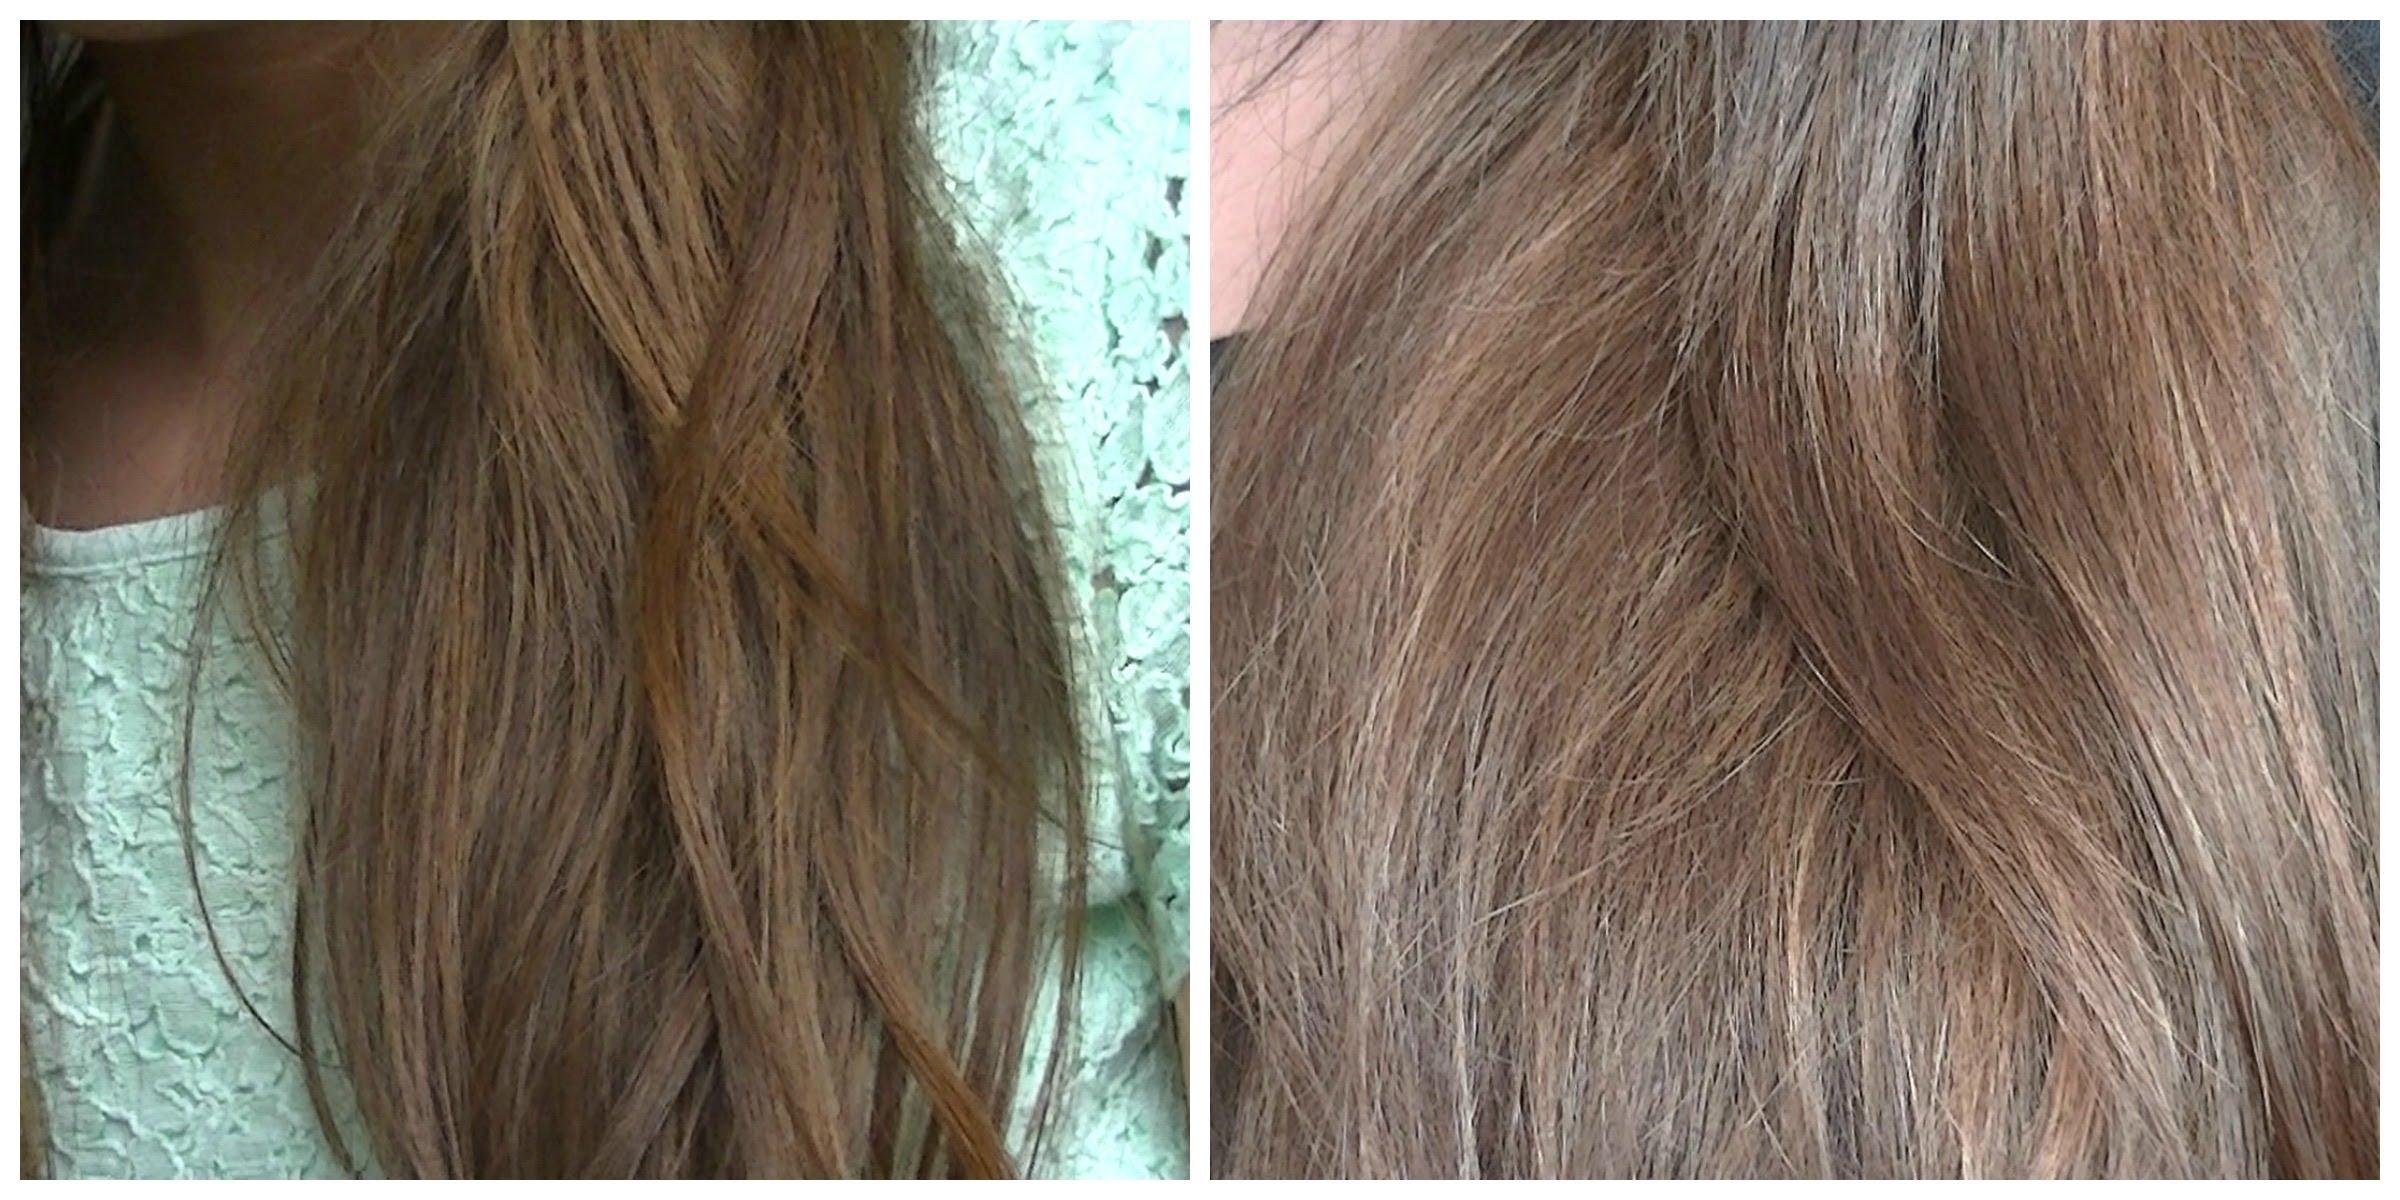 Comment eclaircir cheveux blond naturellement